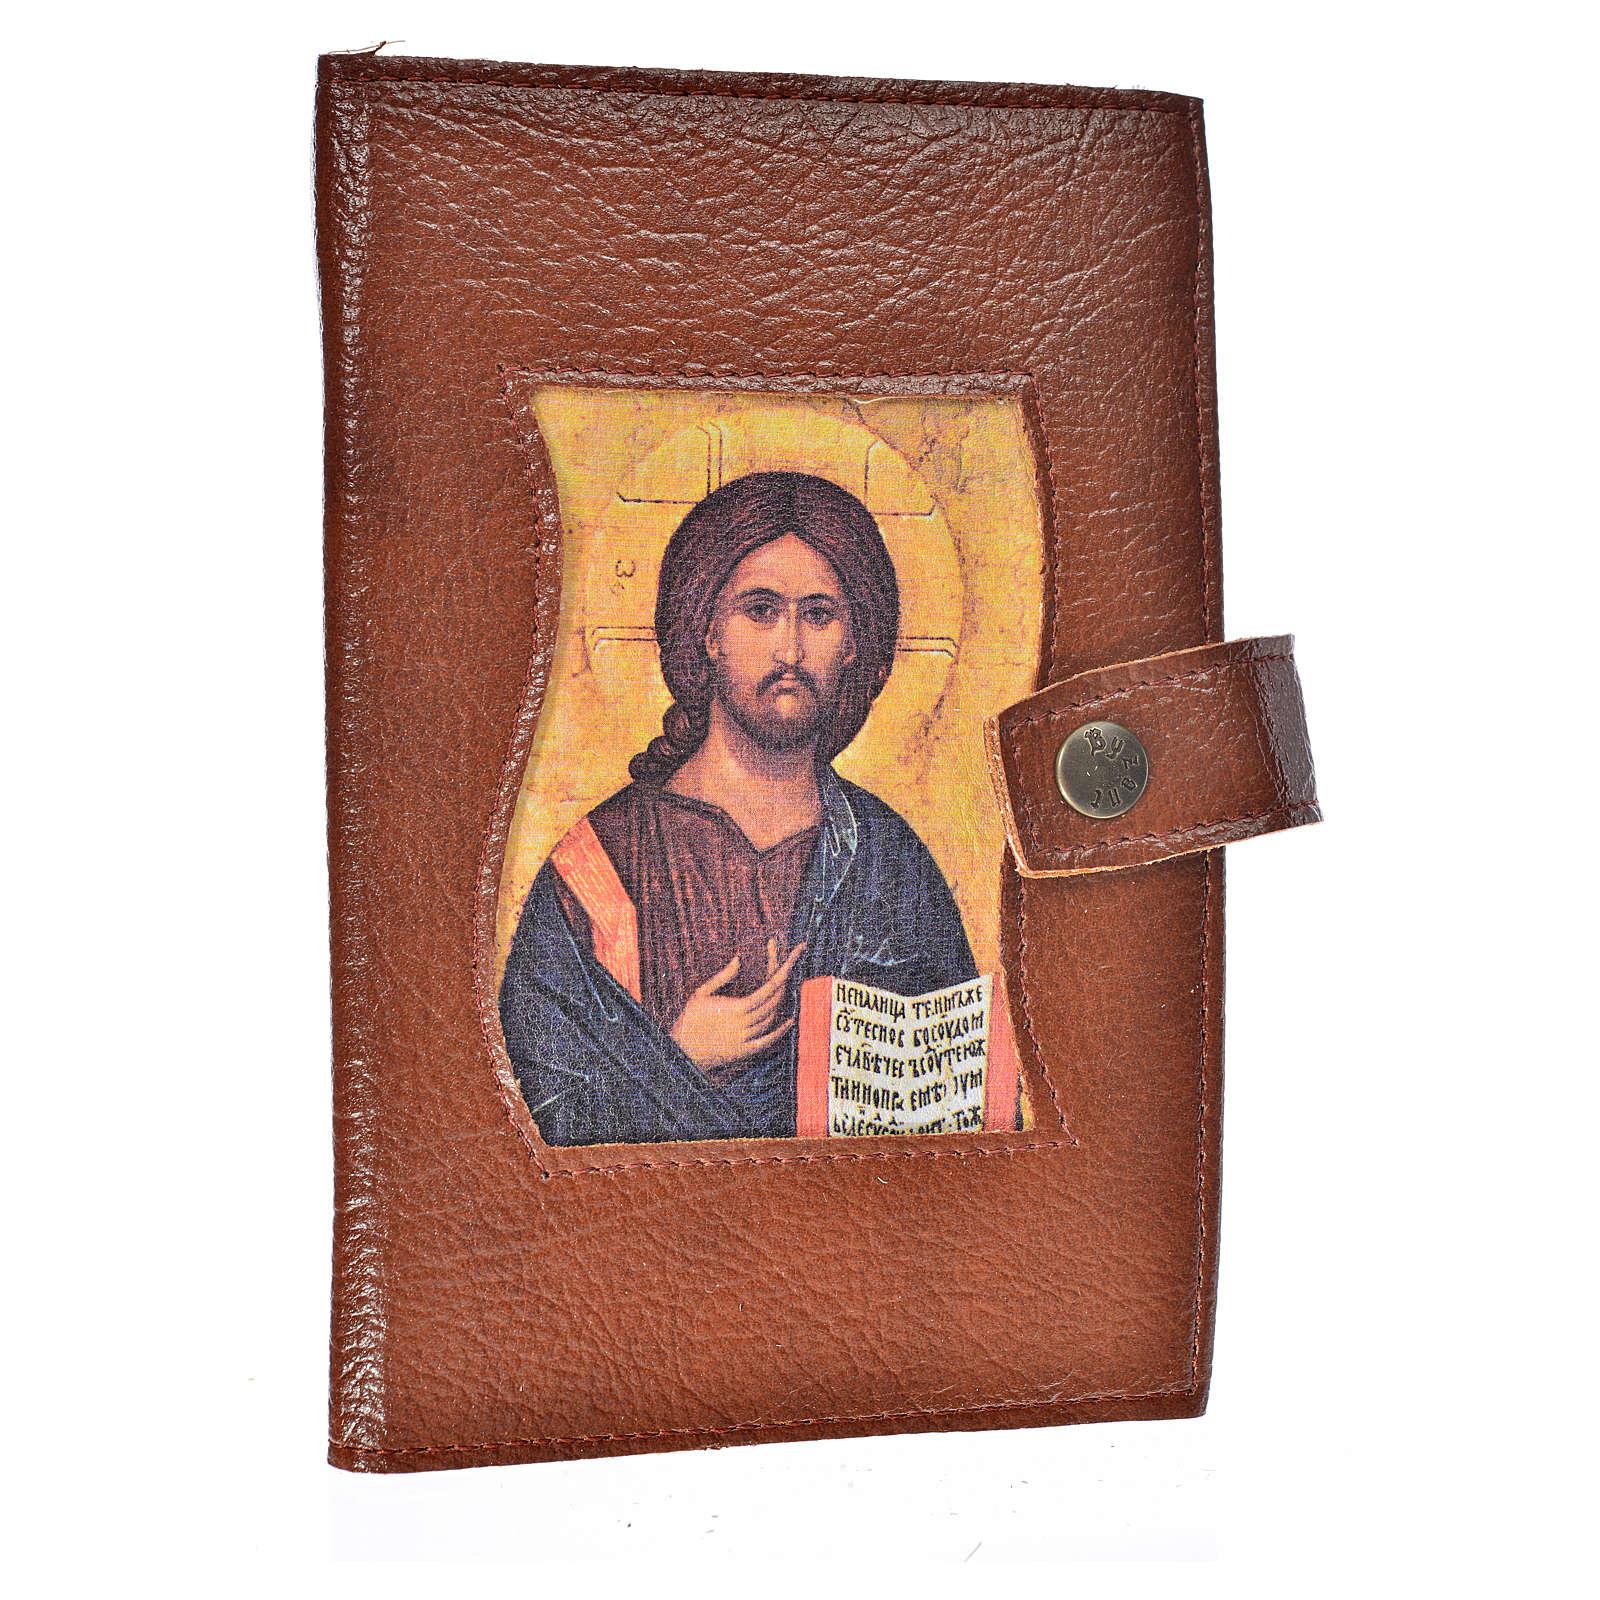 Funda lit. de las horas 4 vol. símil cuero Cristo Libro 4